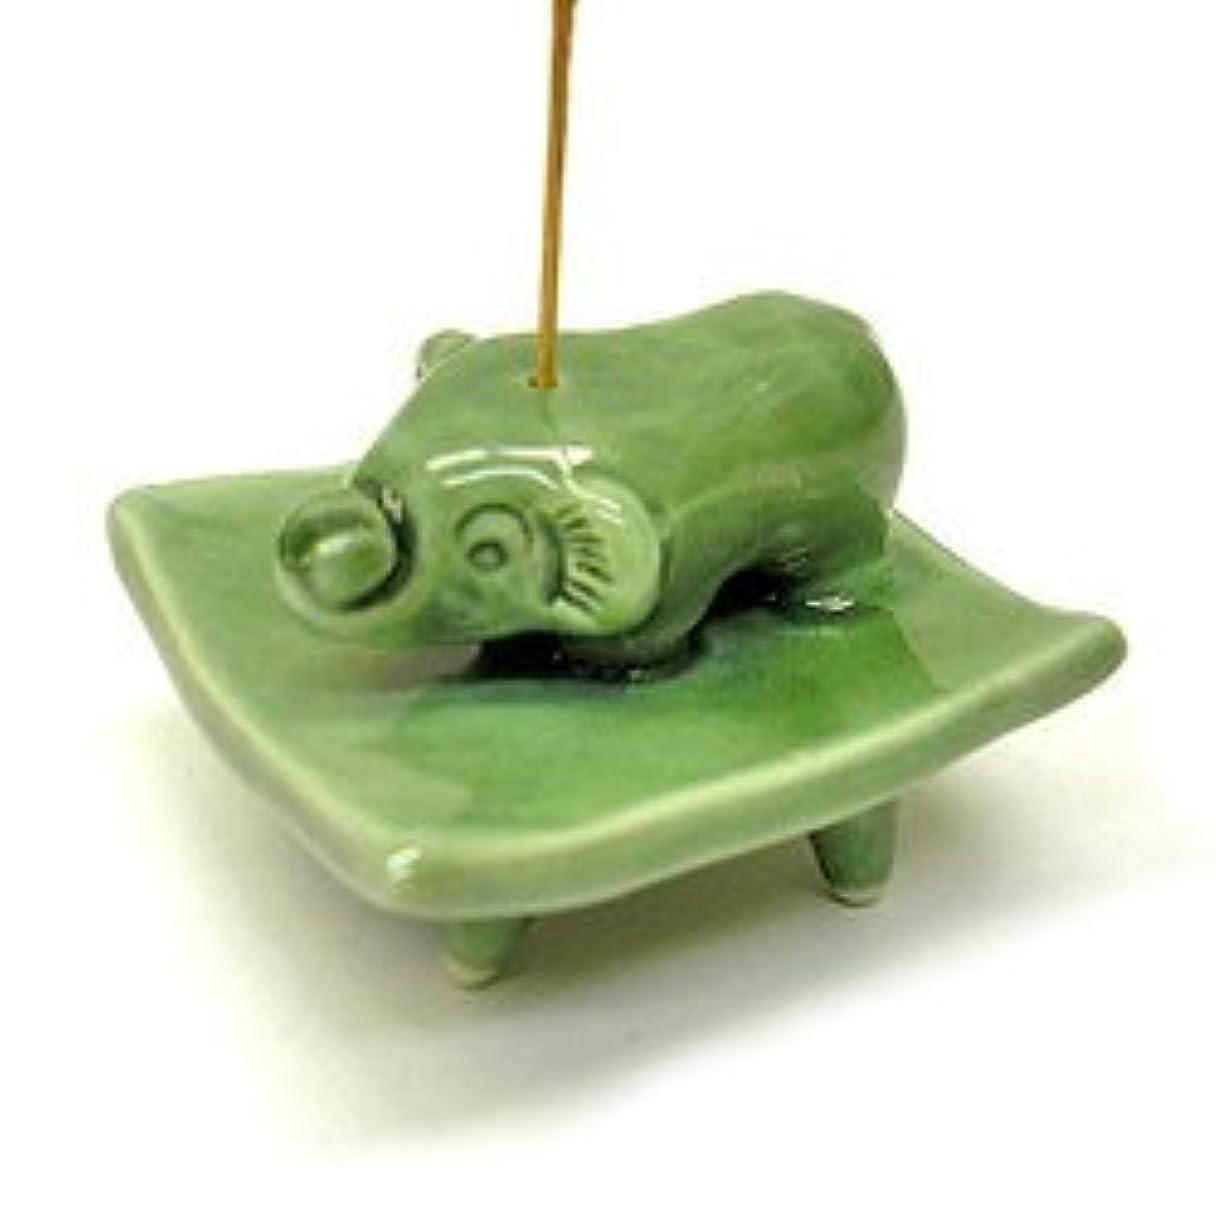 石灰岩給料昆虫を見るお皿に乗った象さん お香立て<緑> インセンスホルダー/スティックタイプ用お香立て?お香たて アジアン雑貨